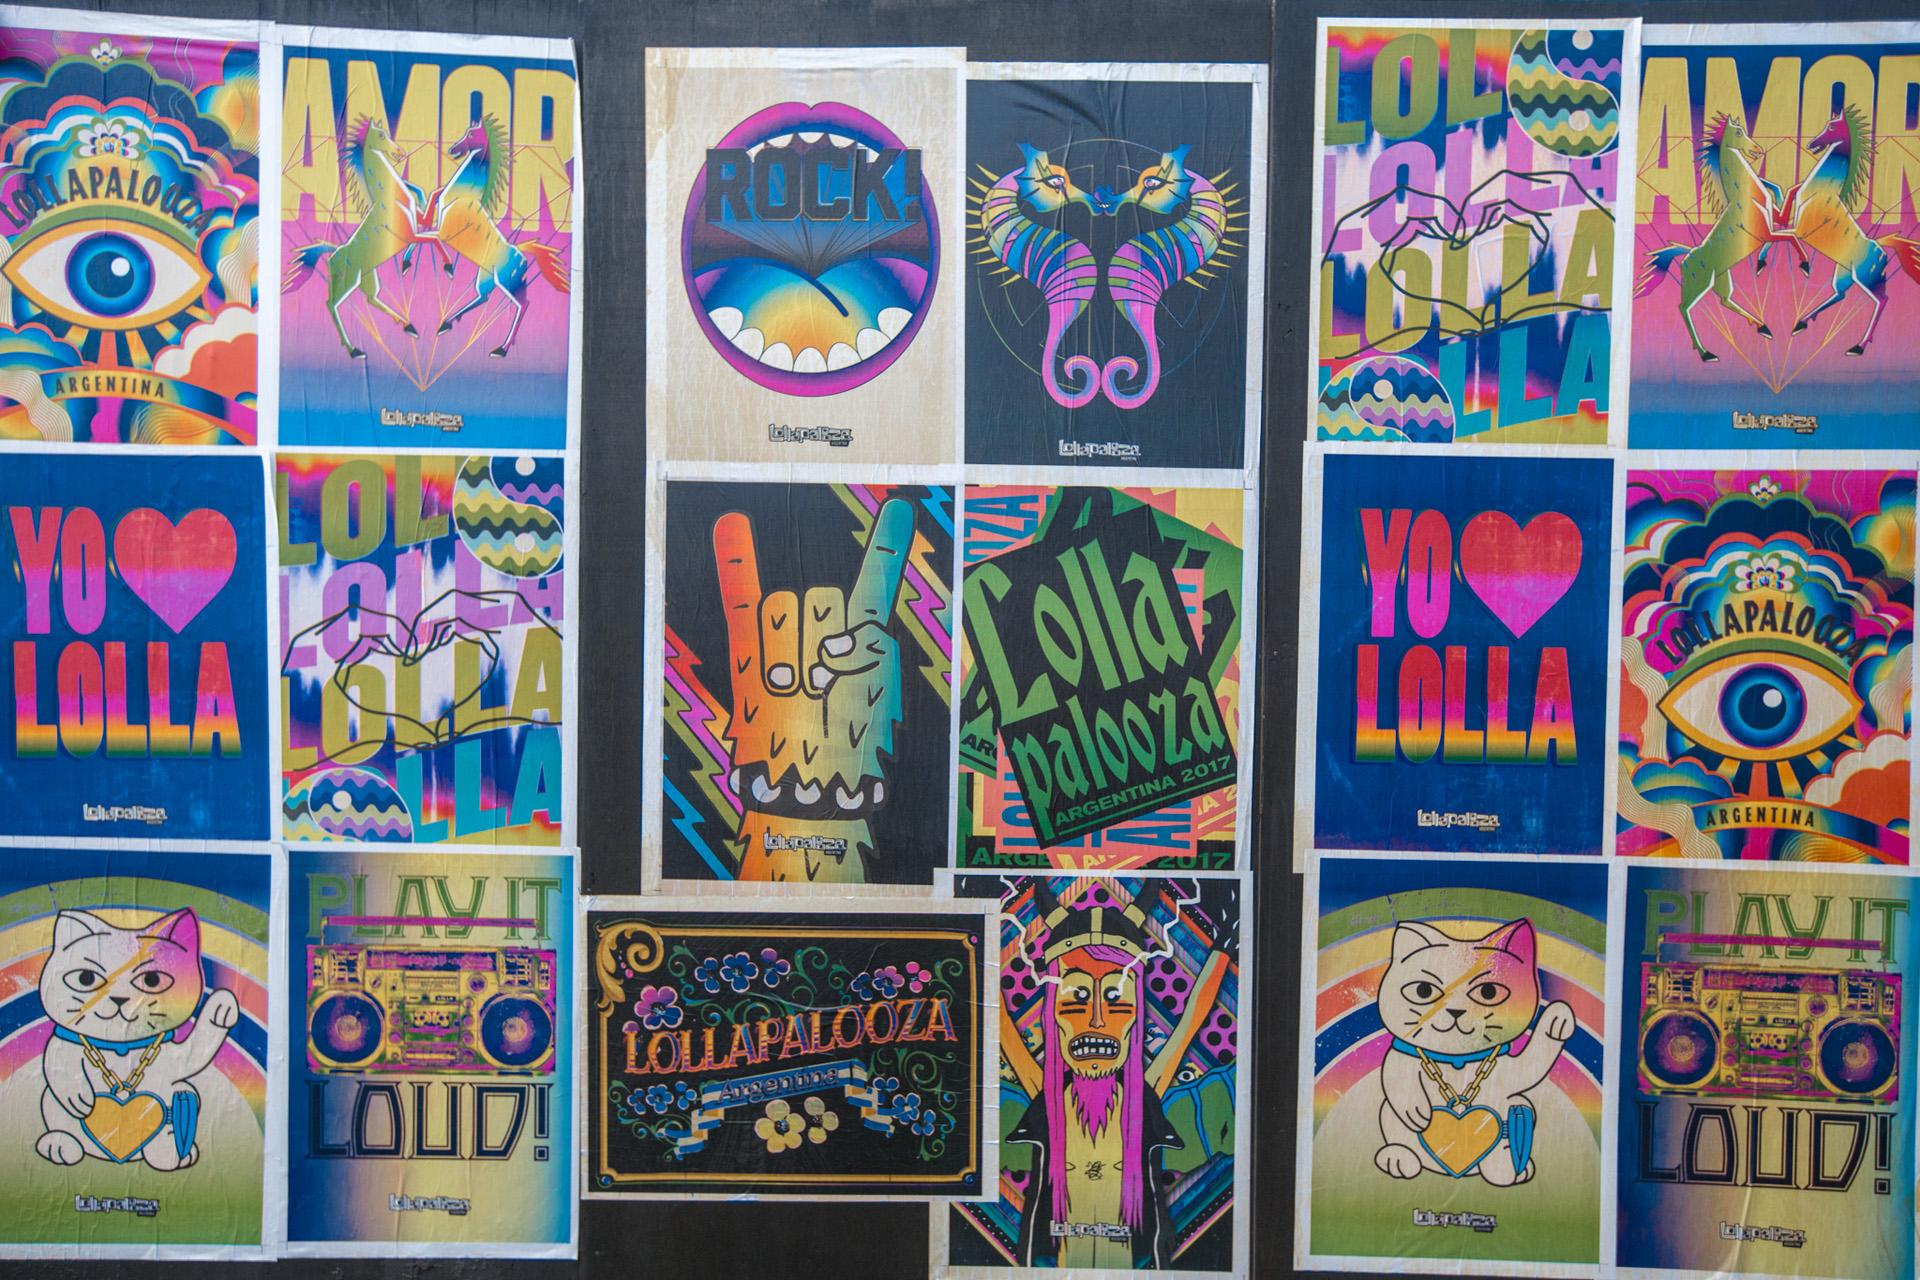 Los afiches de Lollapalooza